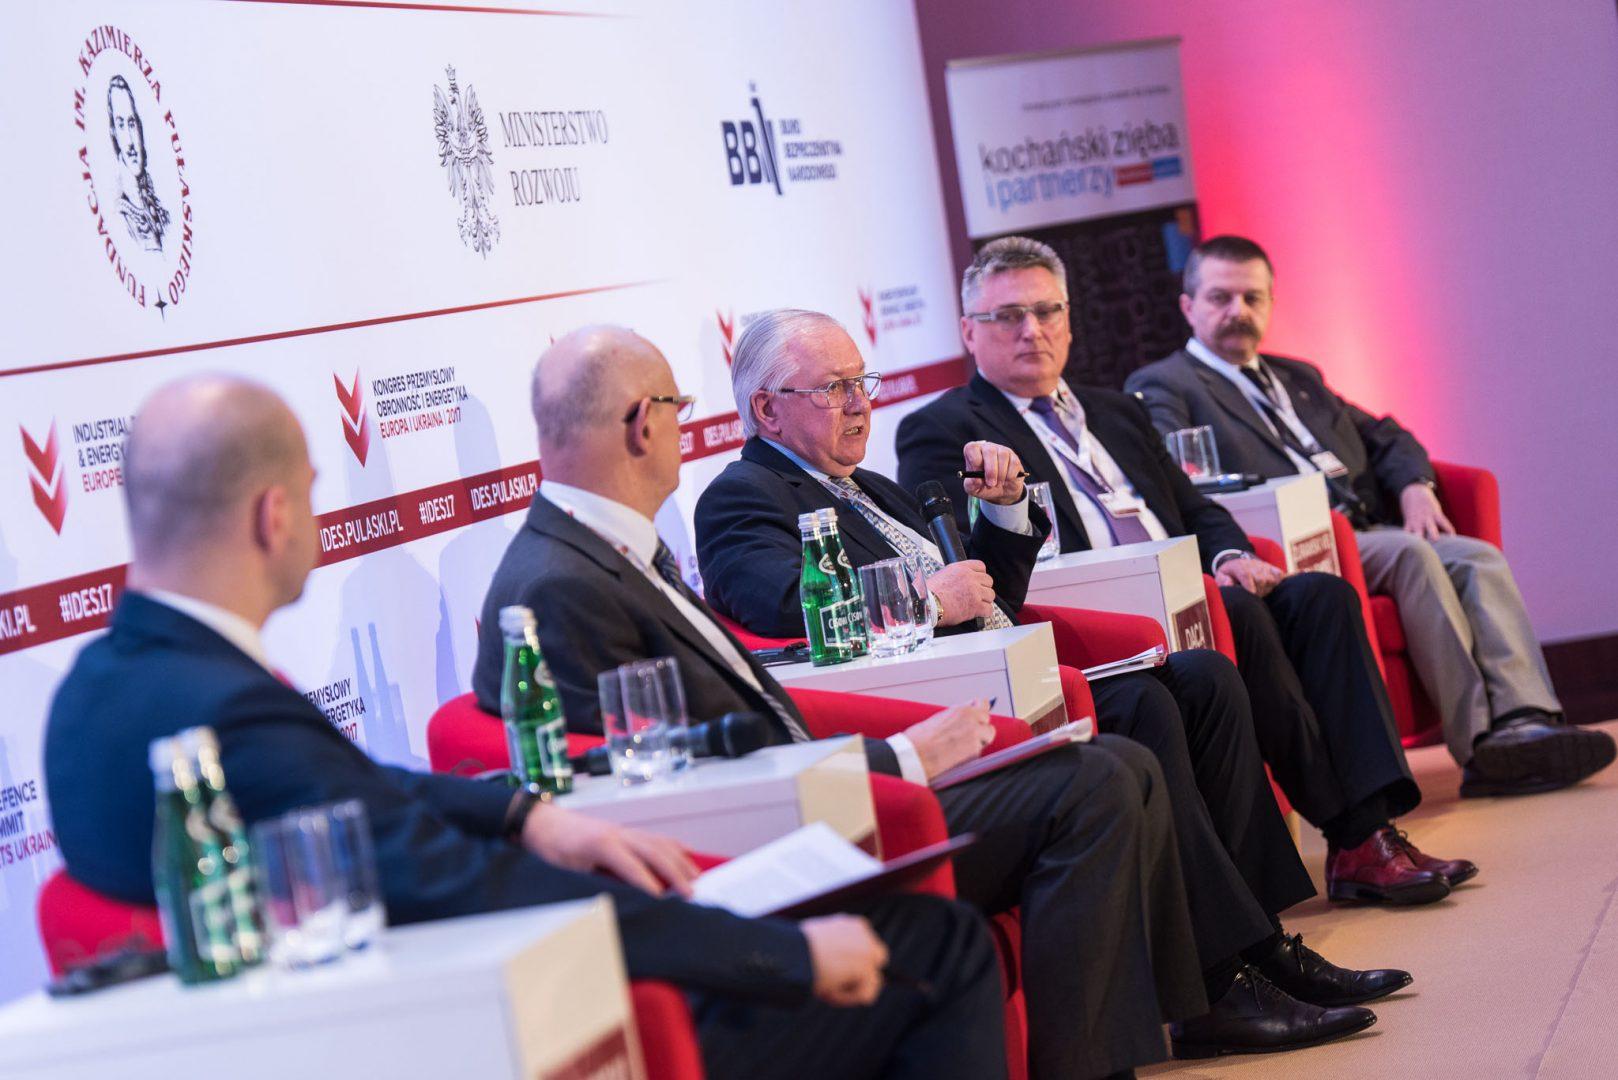 Granica ibraki wzakresie infrastruktury przeszkodą dla współpracy gospodarczej Polski iUkrainy – zakończył się polsko-ukraiński Kongres Przemysłowy